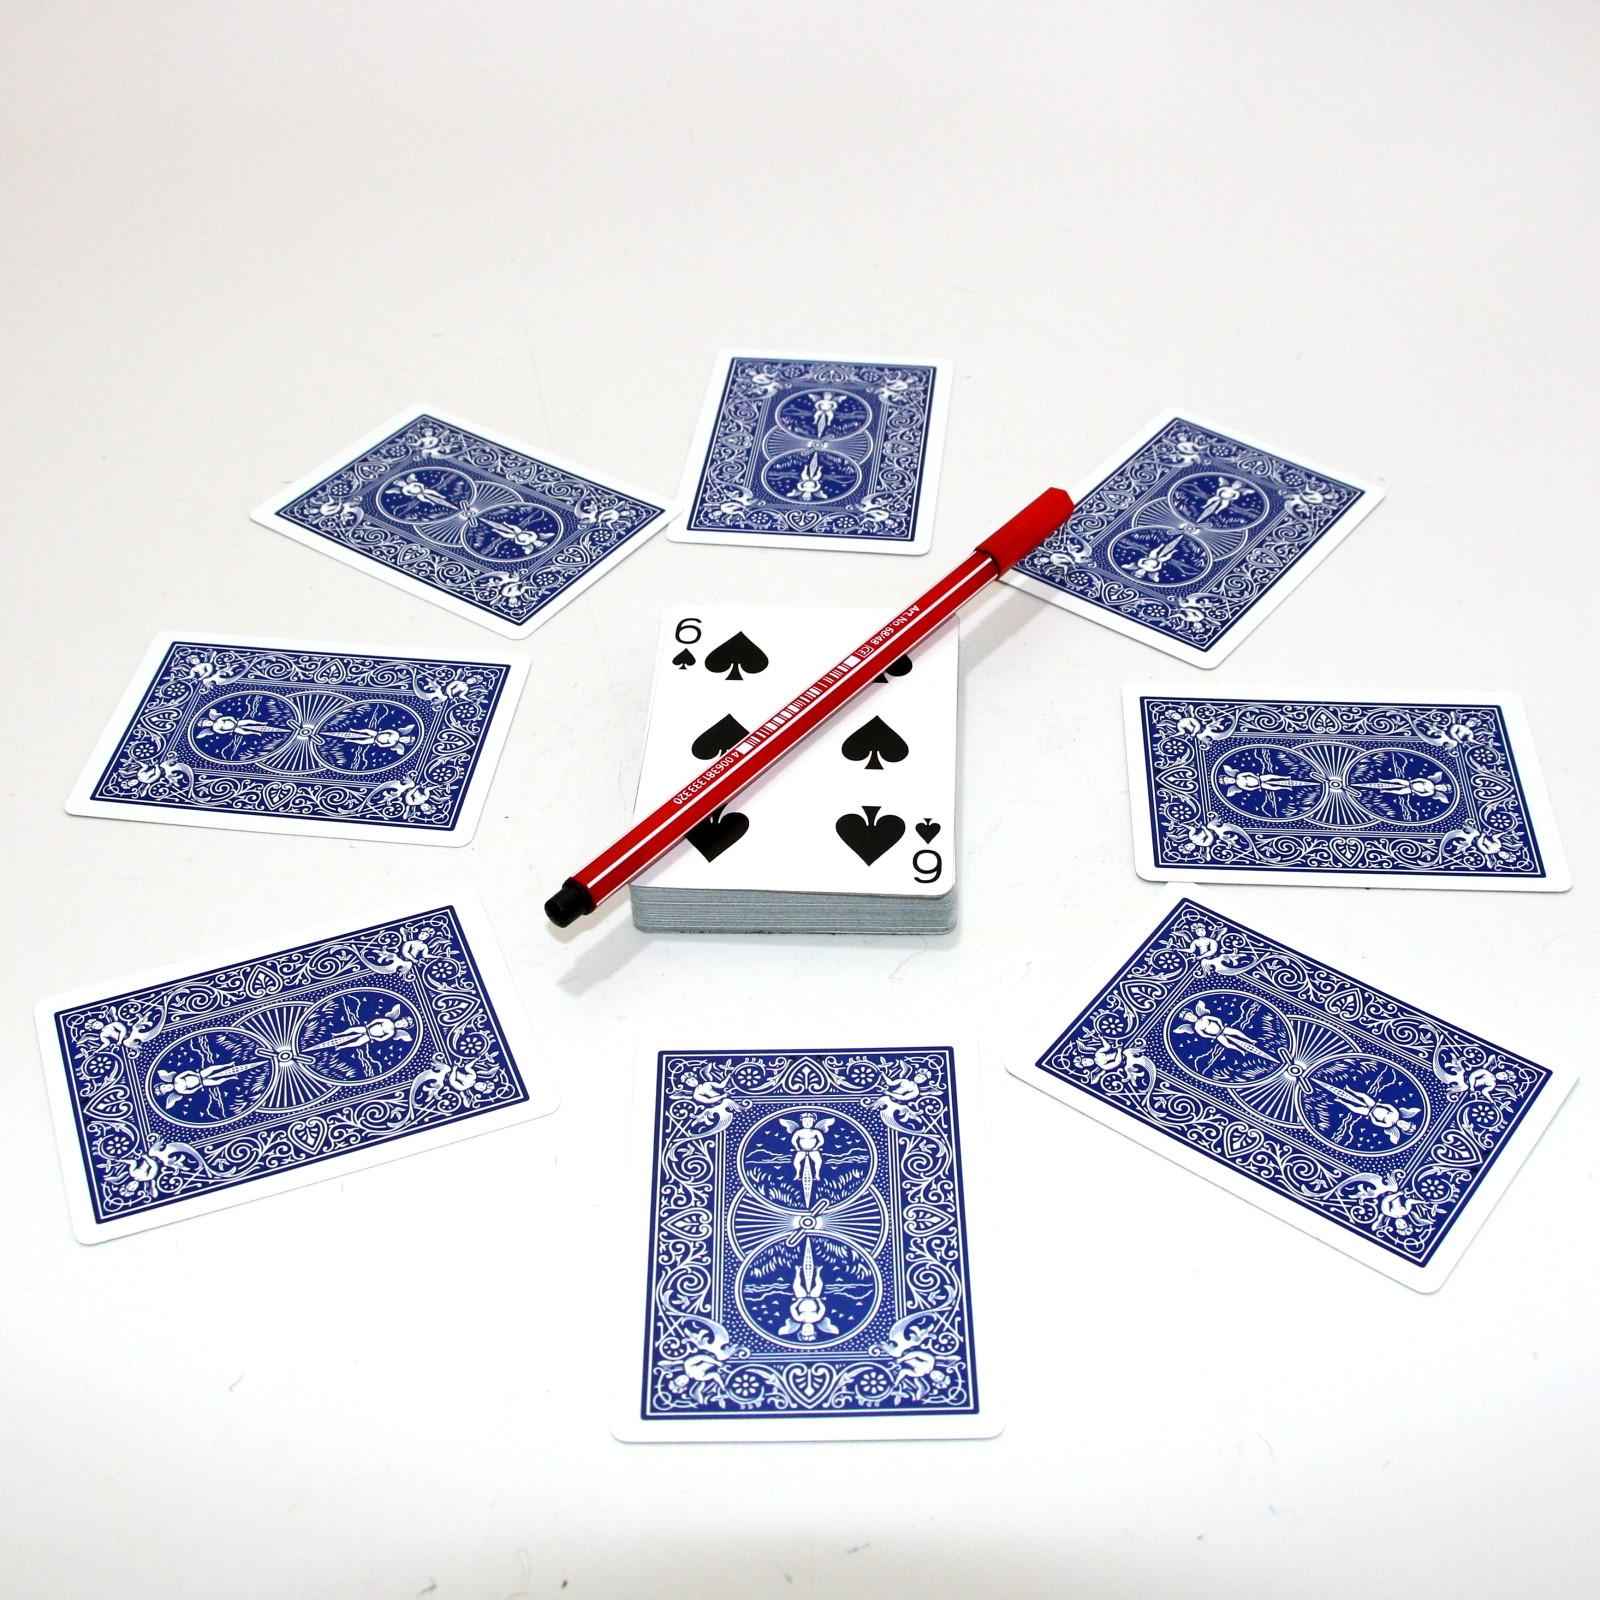 Magic Swiss Card Clock by Urs Auckenthaler